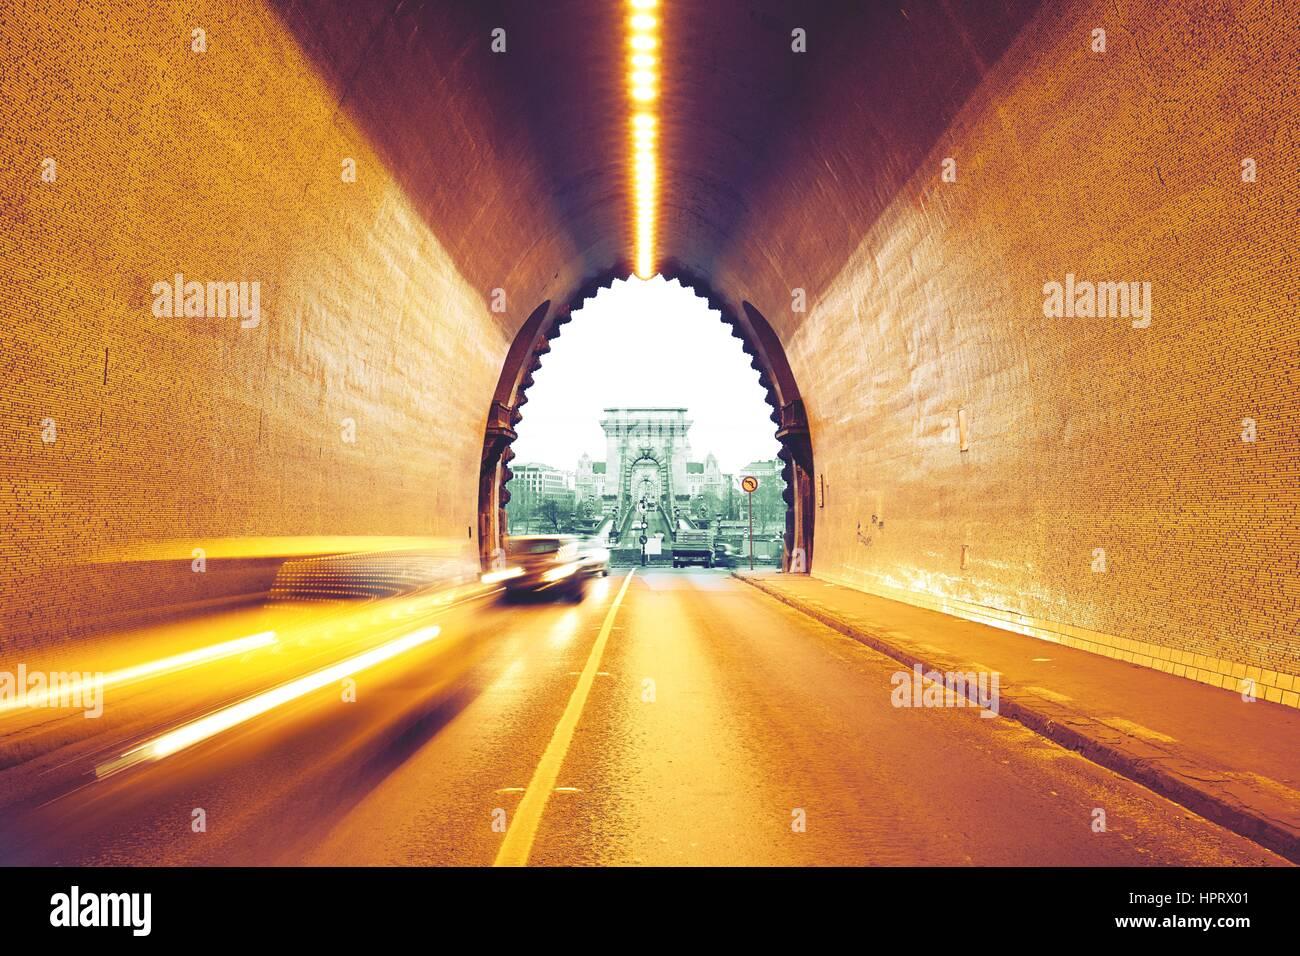 Verkehr in städtischen Tunnel - Budapest, Ungarn Stockbild